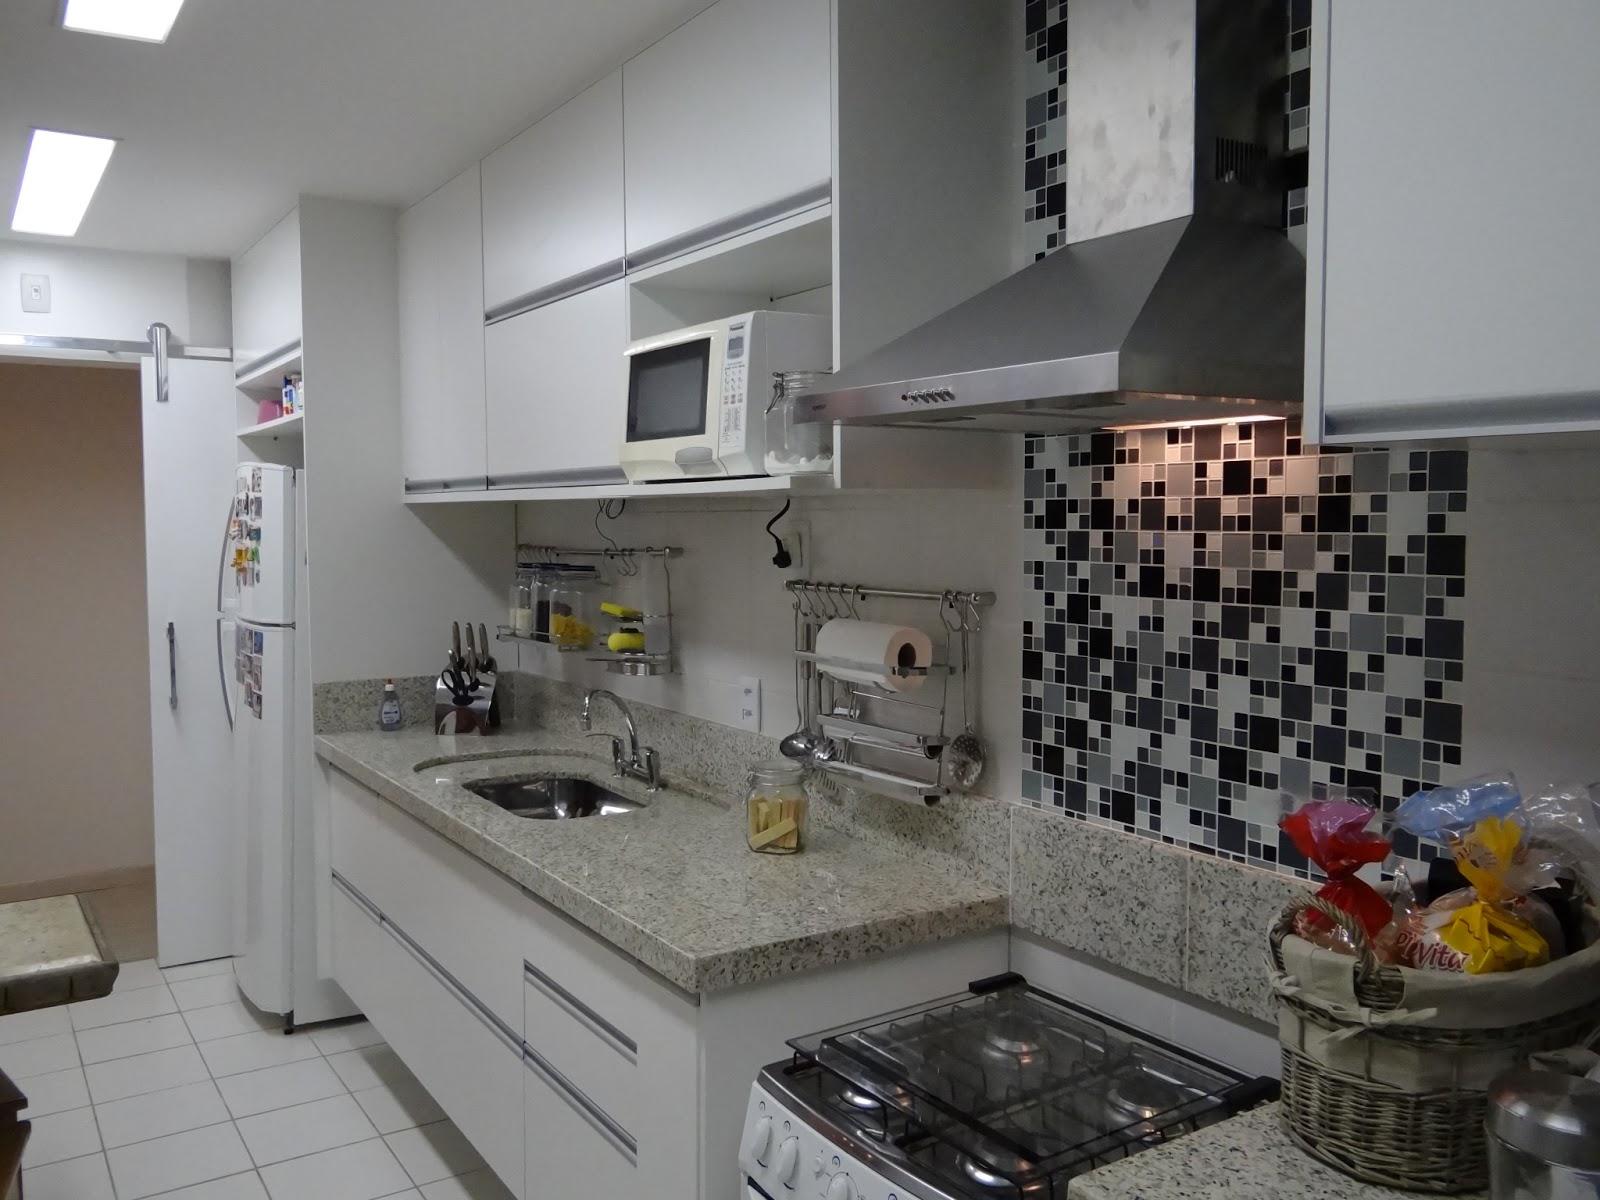 com/ ReginaSegura. arquitetura: REFORMA DE APARTAMENTO NA VILA DO PAN #815B4A 1600 1200